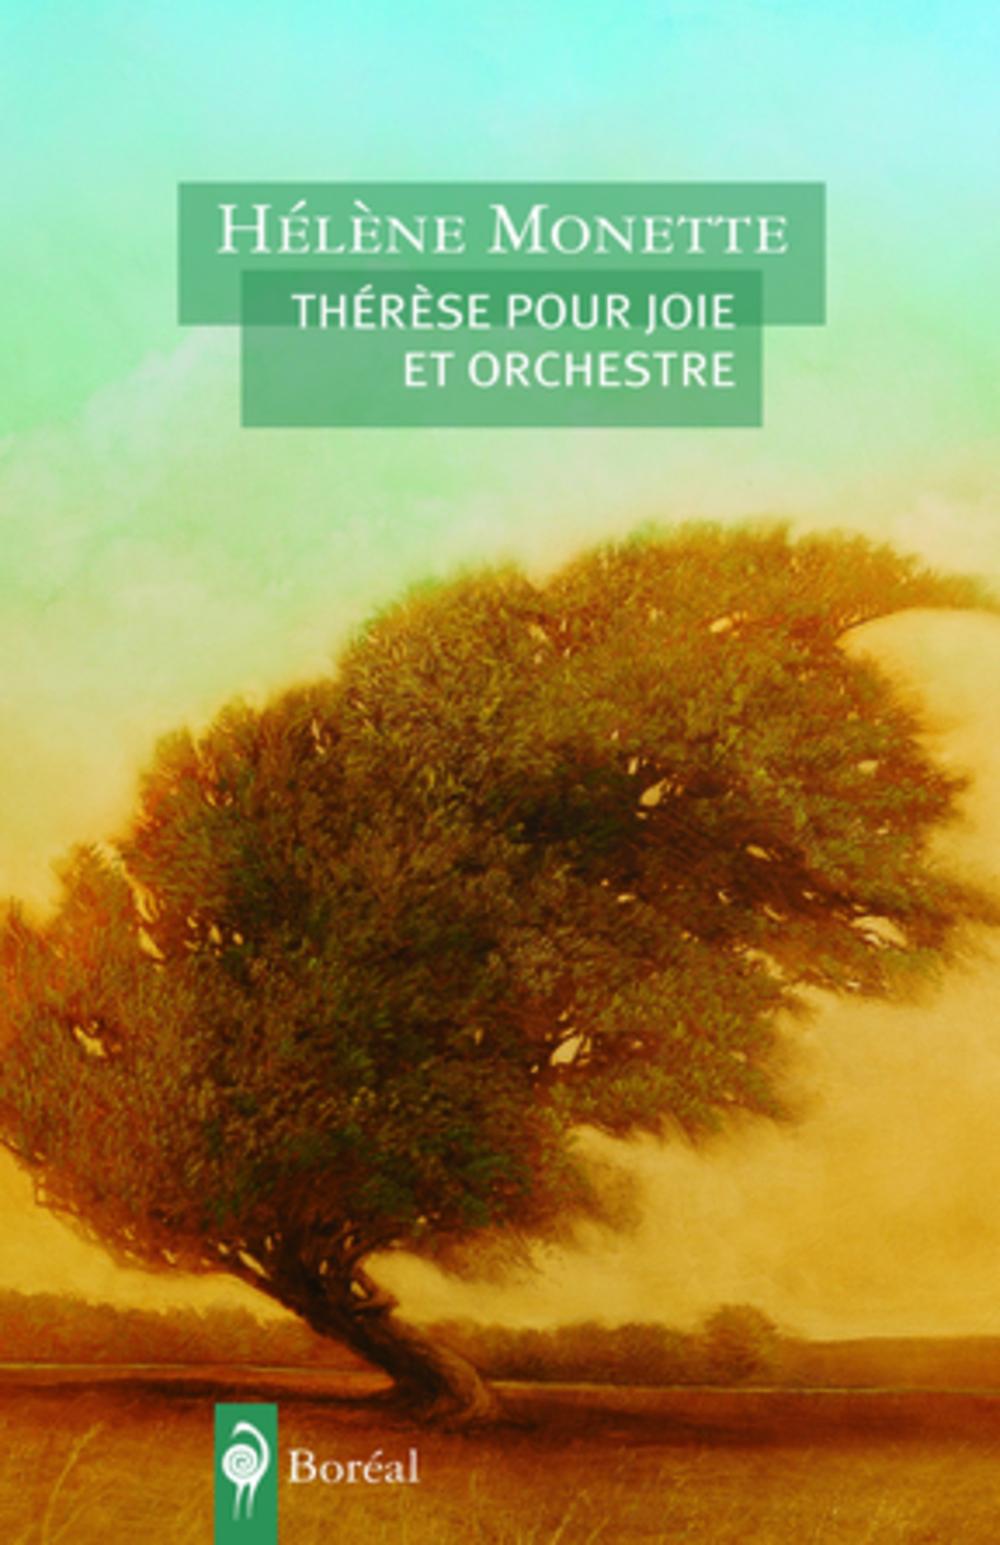 Copy of Thérèse pour joie et orchestre